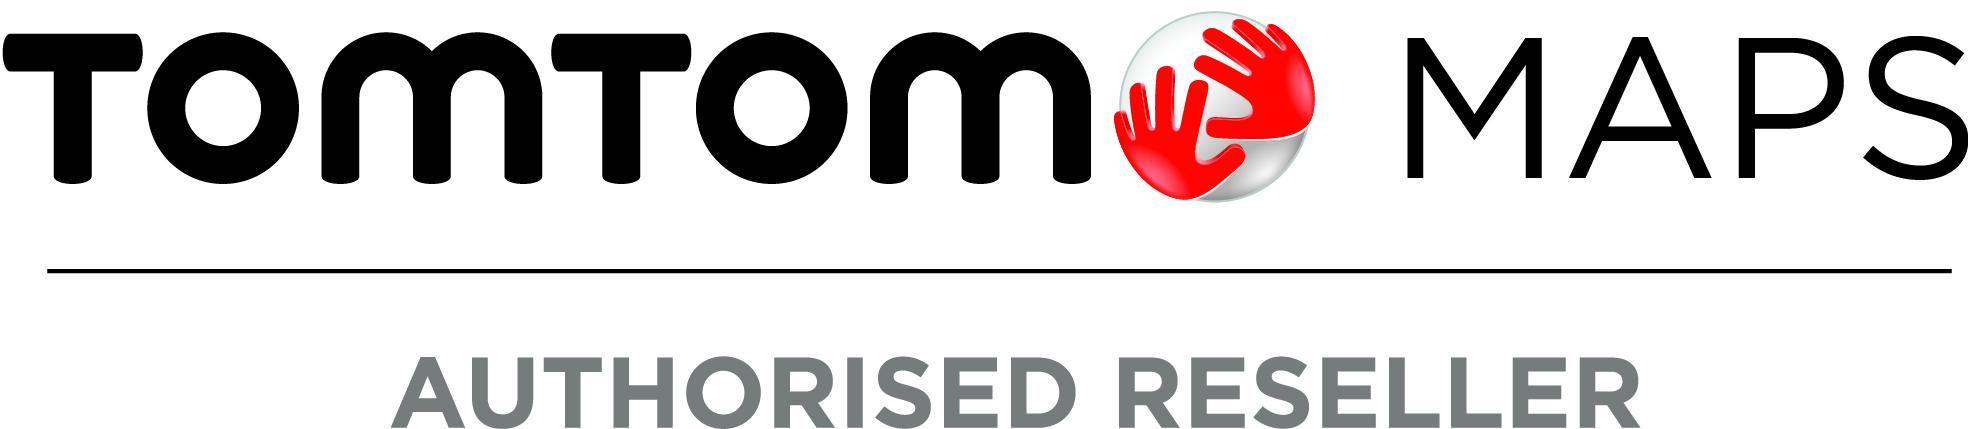 TomTom Maps Partner Logo Horizontal JPG.